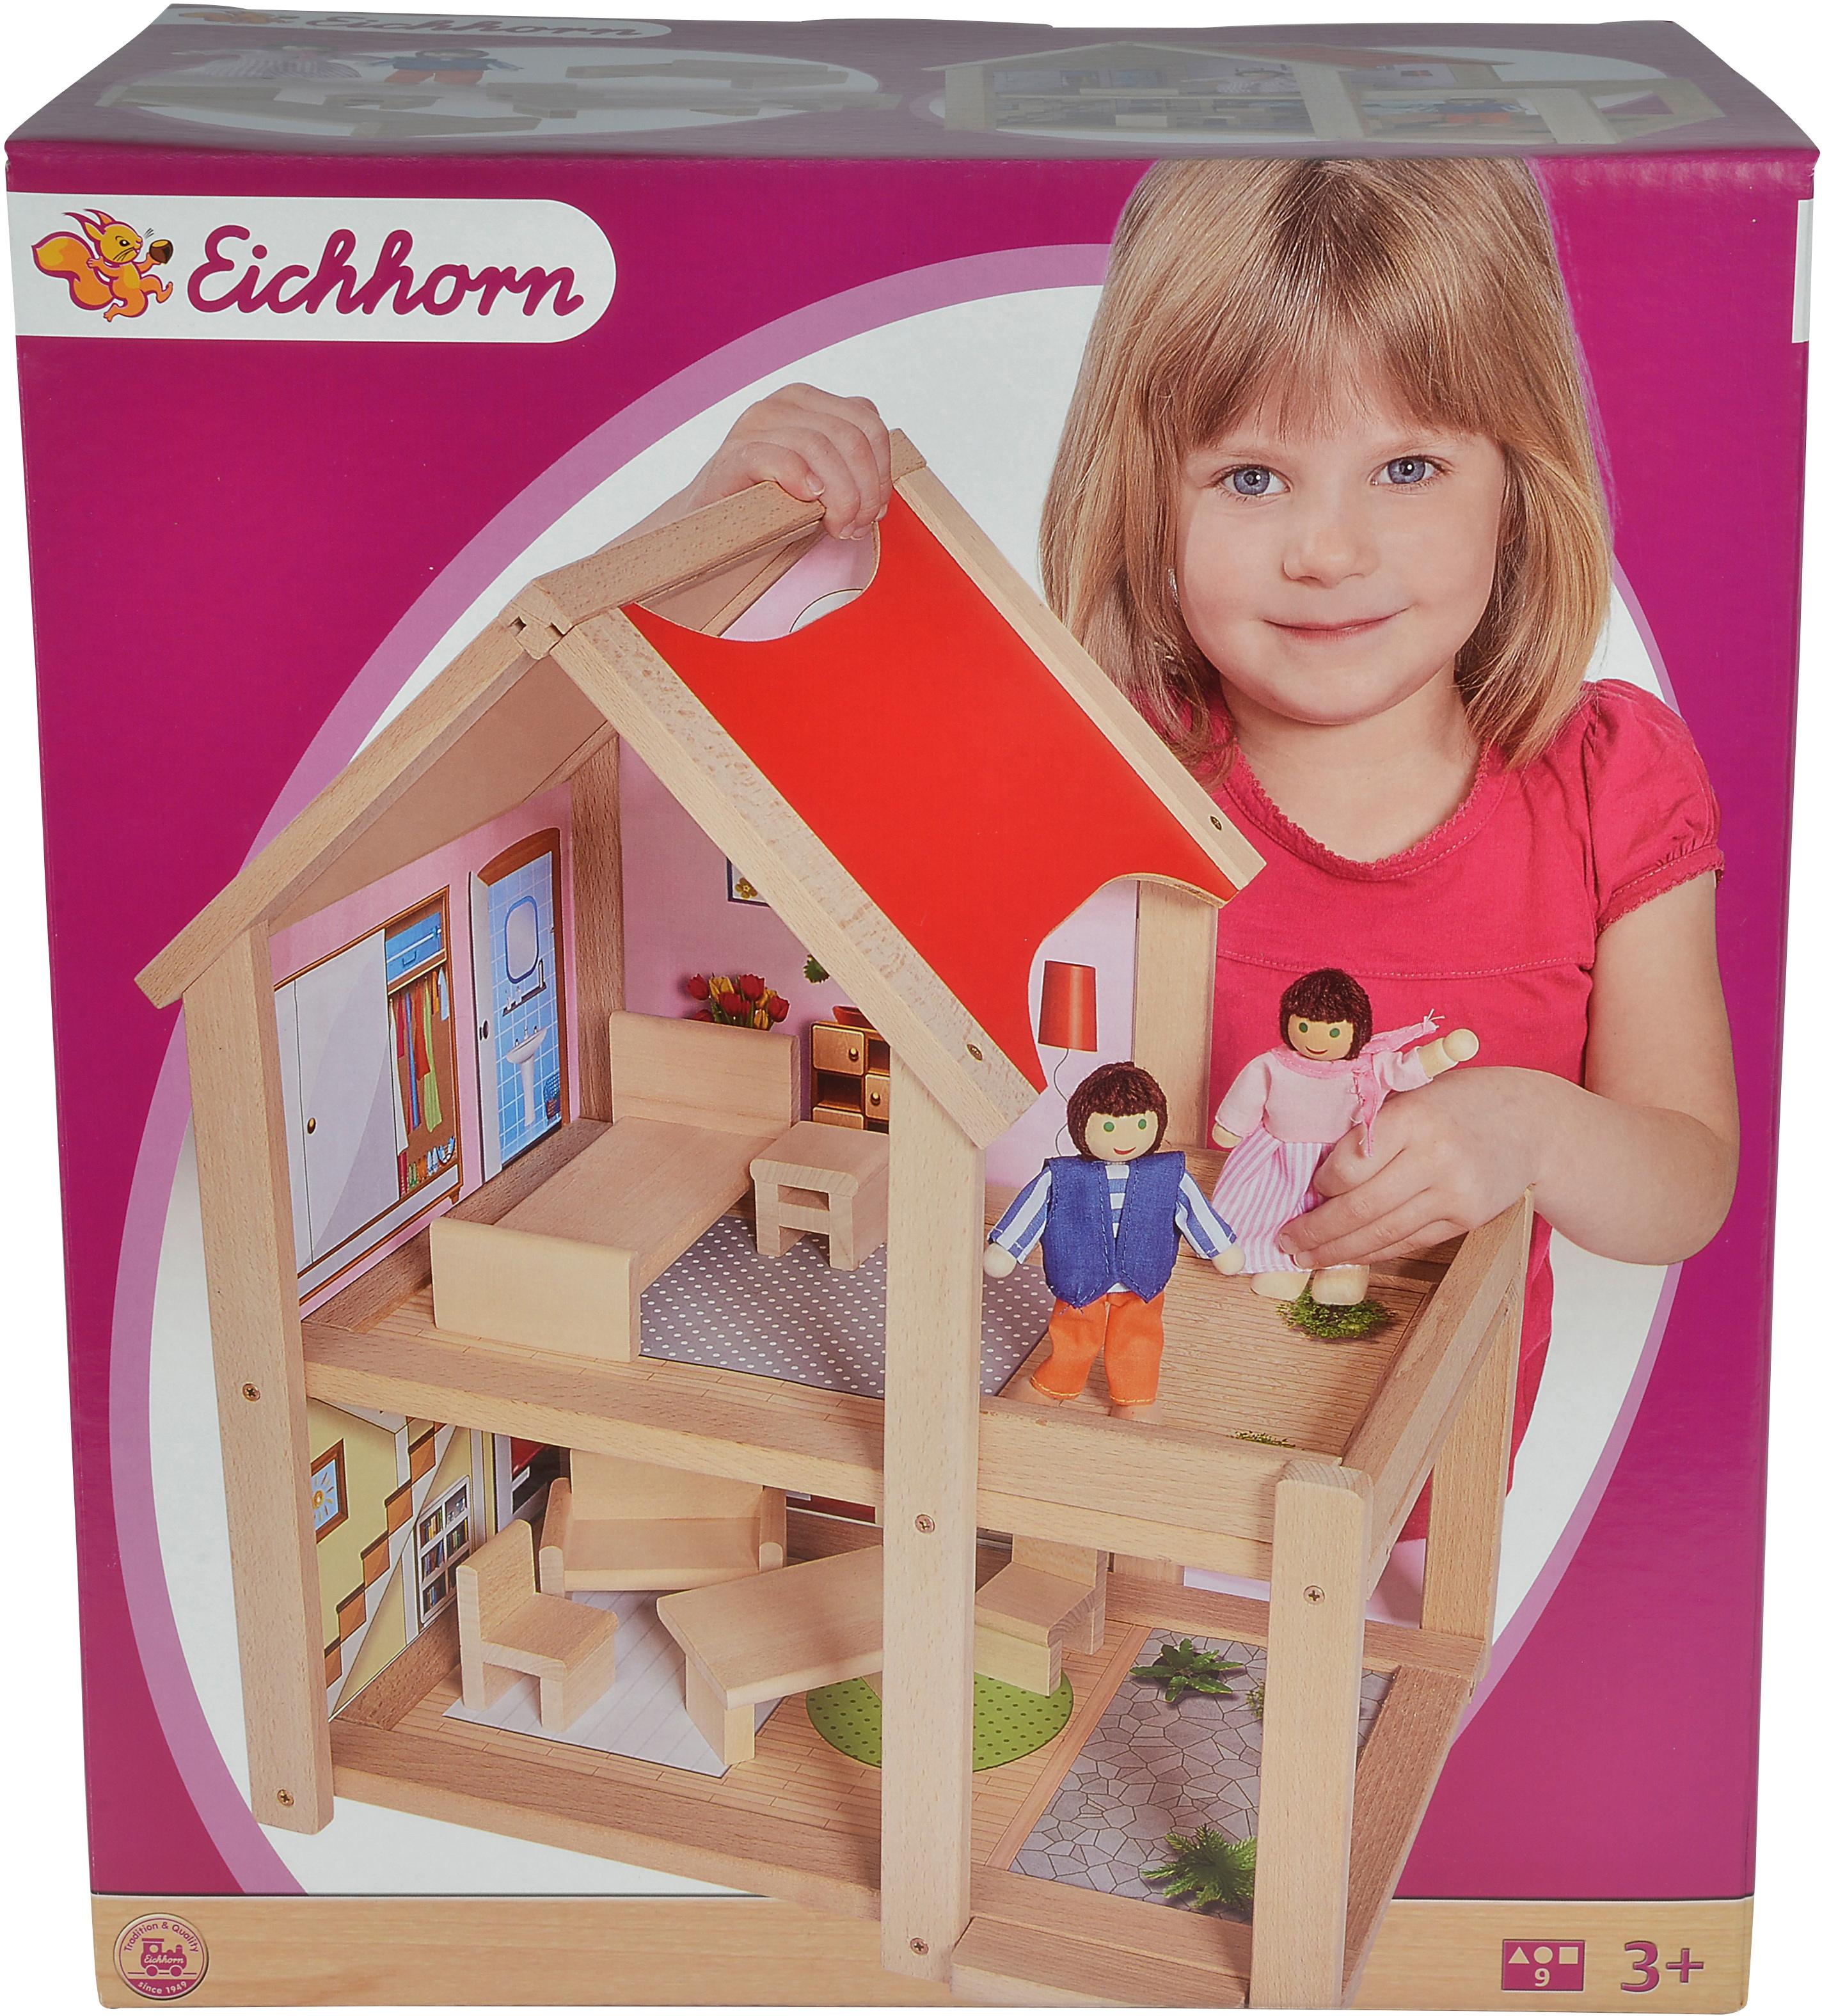 Eichhorn Puppenhaus, mit Einrichtung und Spielfiguren; Made in Europe beige Kinder Ab 3-5 Jahren Altersempfehlung Puppenhaus